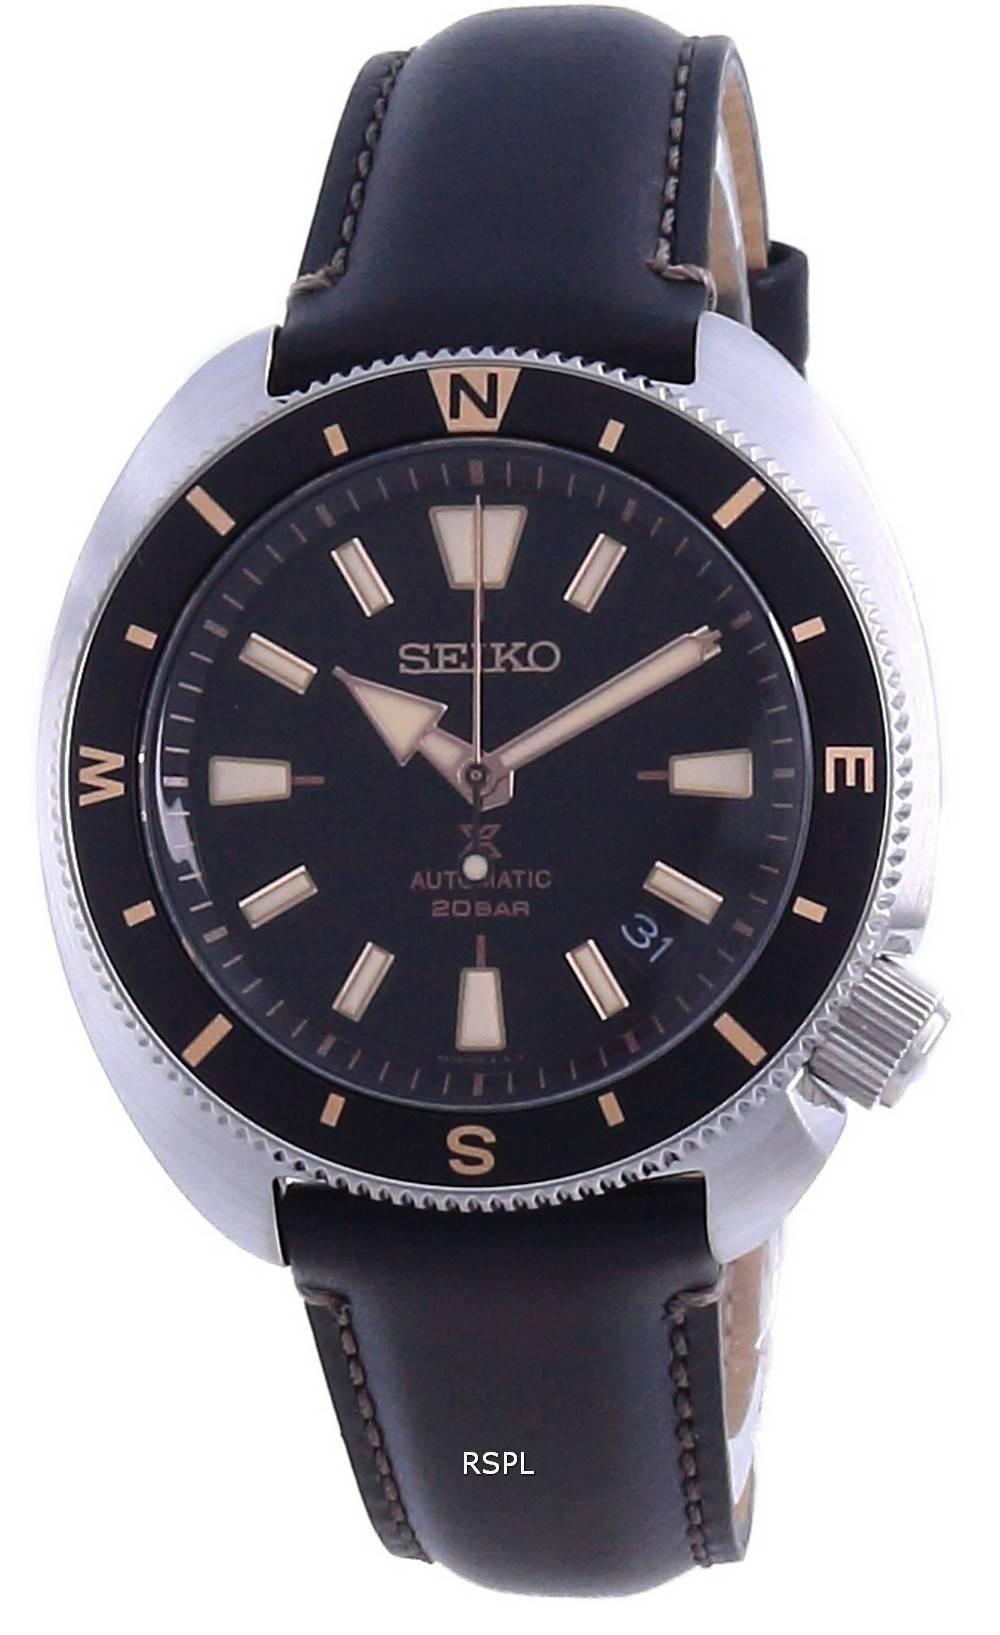 Seiko Prospex Land Tortoise Automatic Diver SRPG17 SRPG17K1 SRPG17K 200M miesten kello